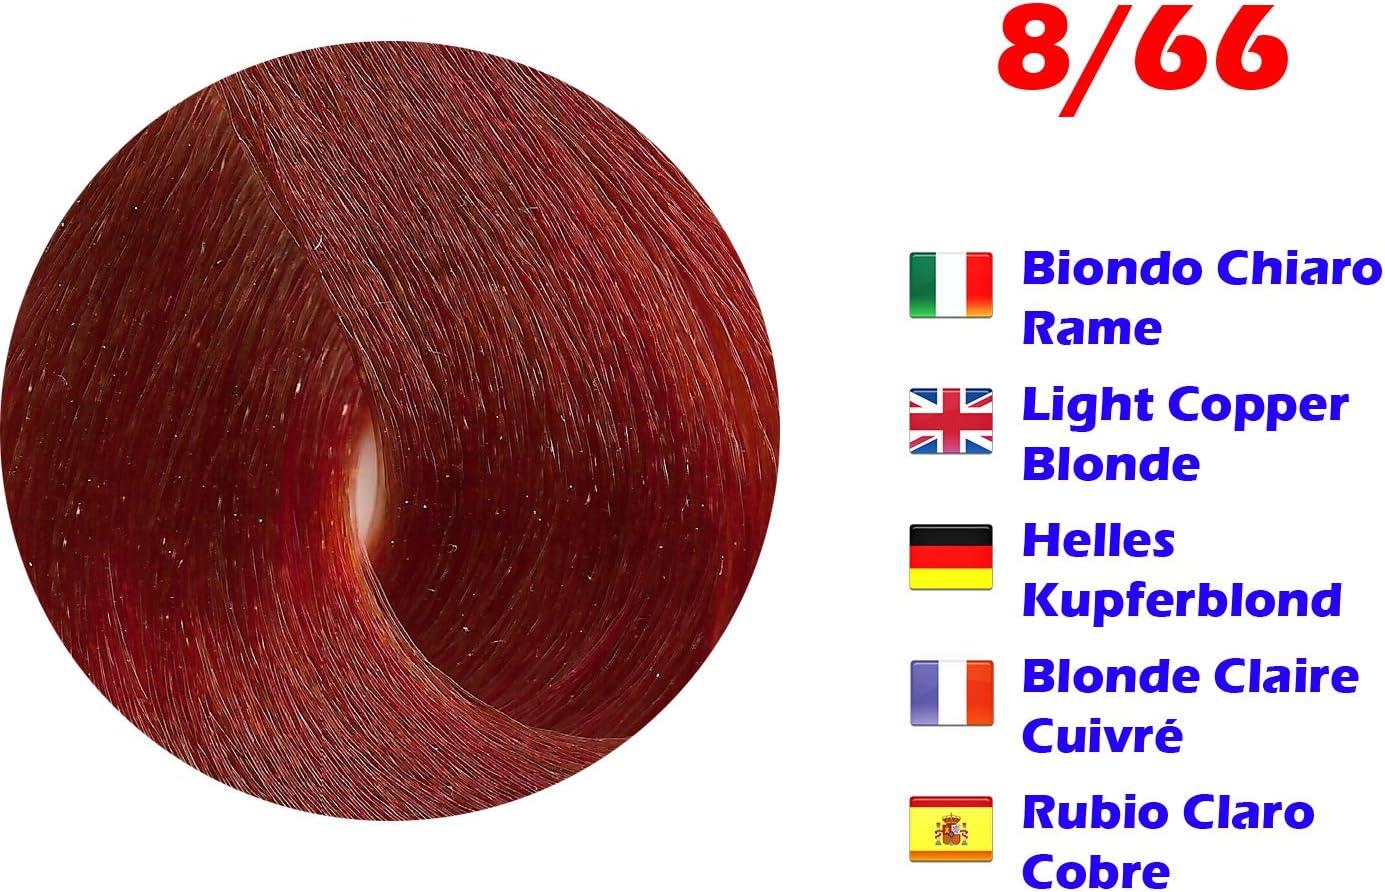 Tinte de Pelo Profesional Rubio Claro Cobre Extreme con Amoníaco 8/66 Permanente 100ml Made in Italy